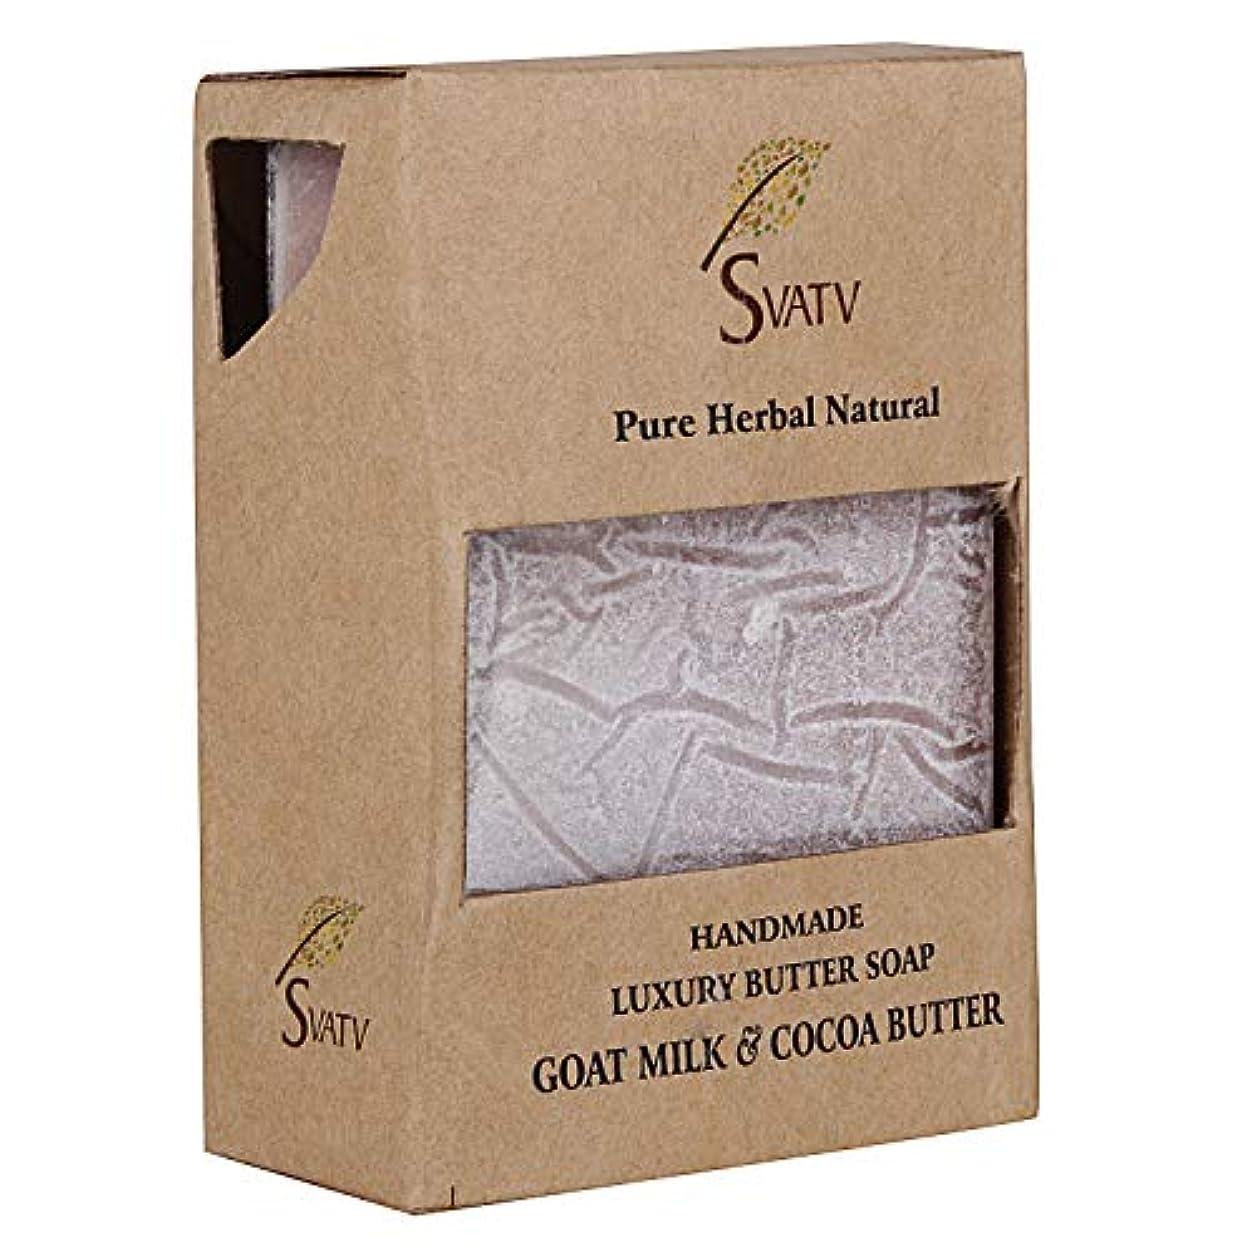 キャストサイト人工SVATV Handmade Luxury Butter Soap Goat Milk & Cocoa Butter For All Skin types 100g Bar